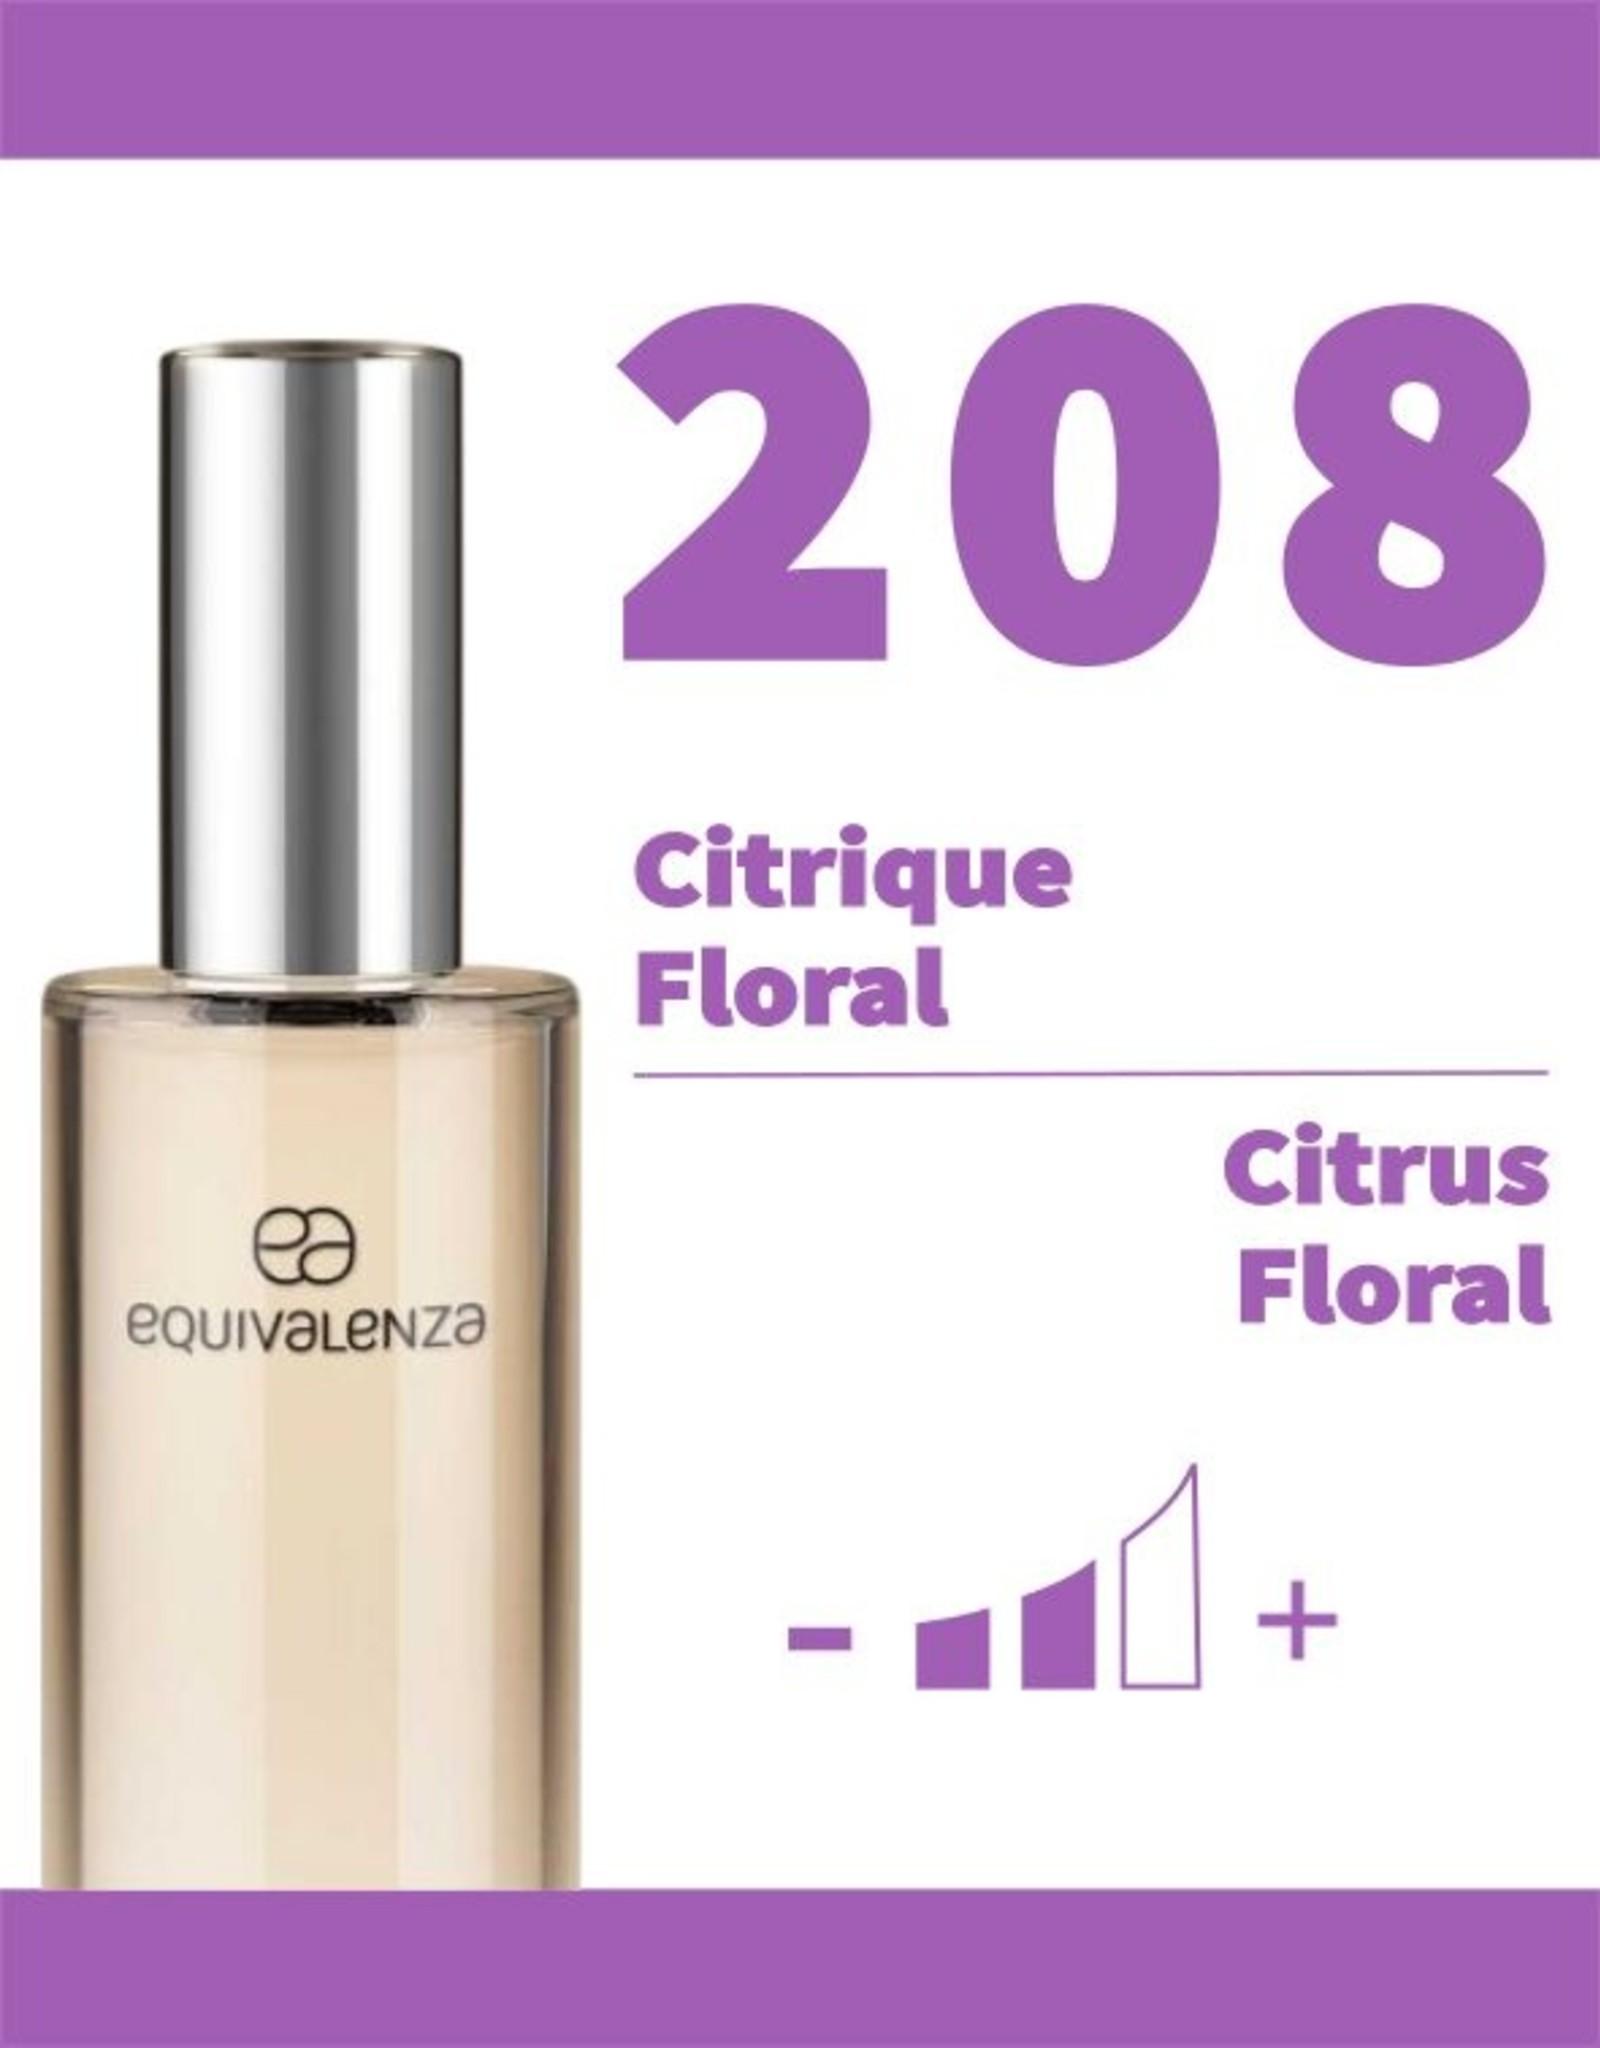 Equivalenza Citrique Floral 208